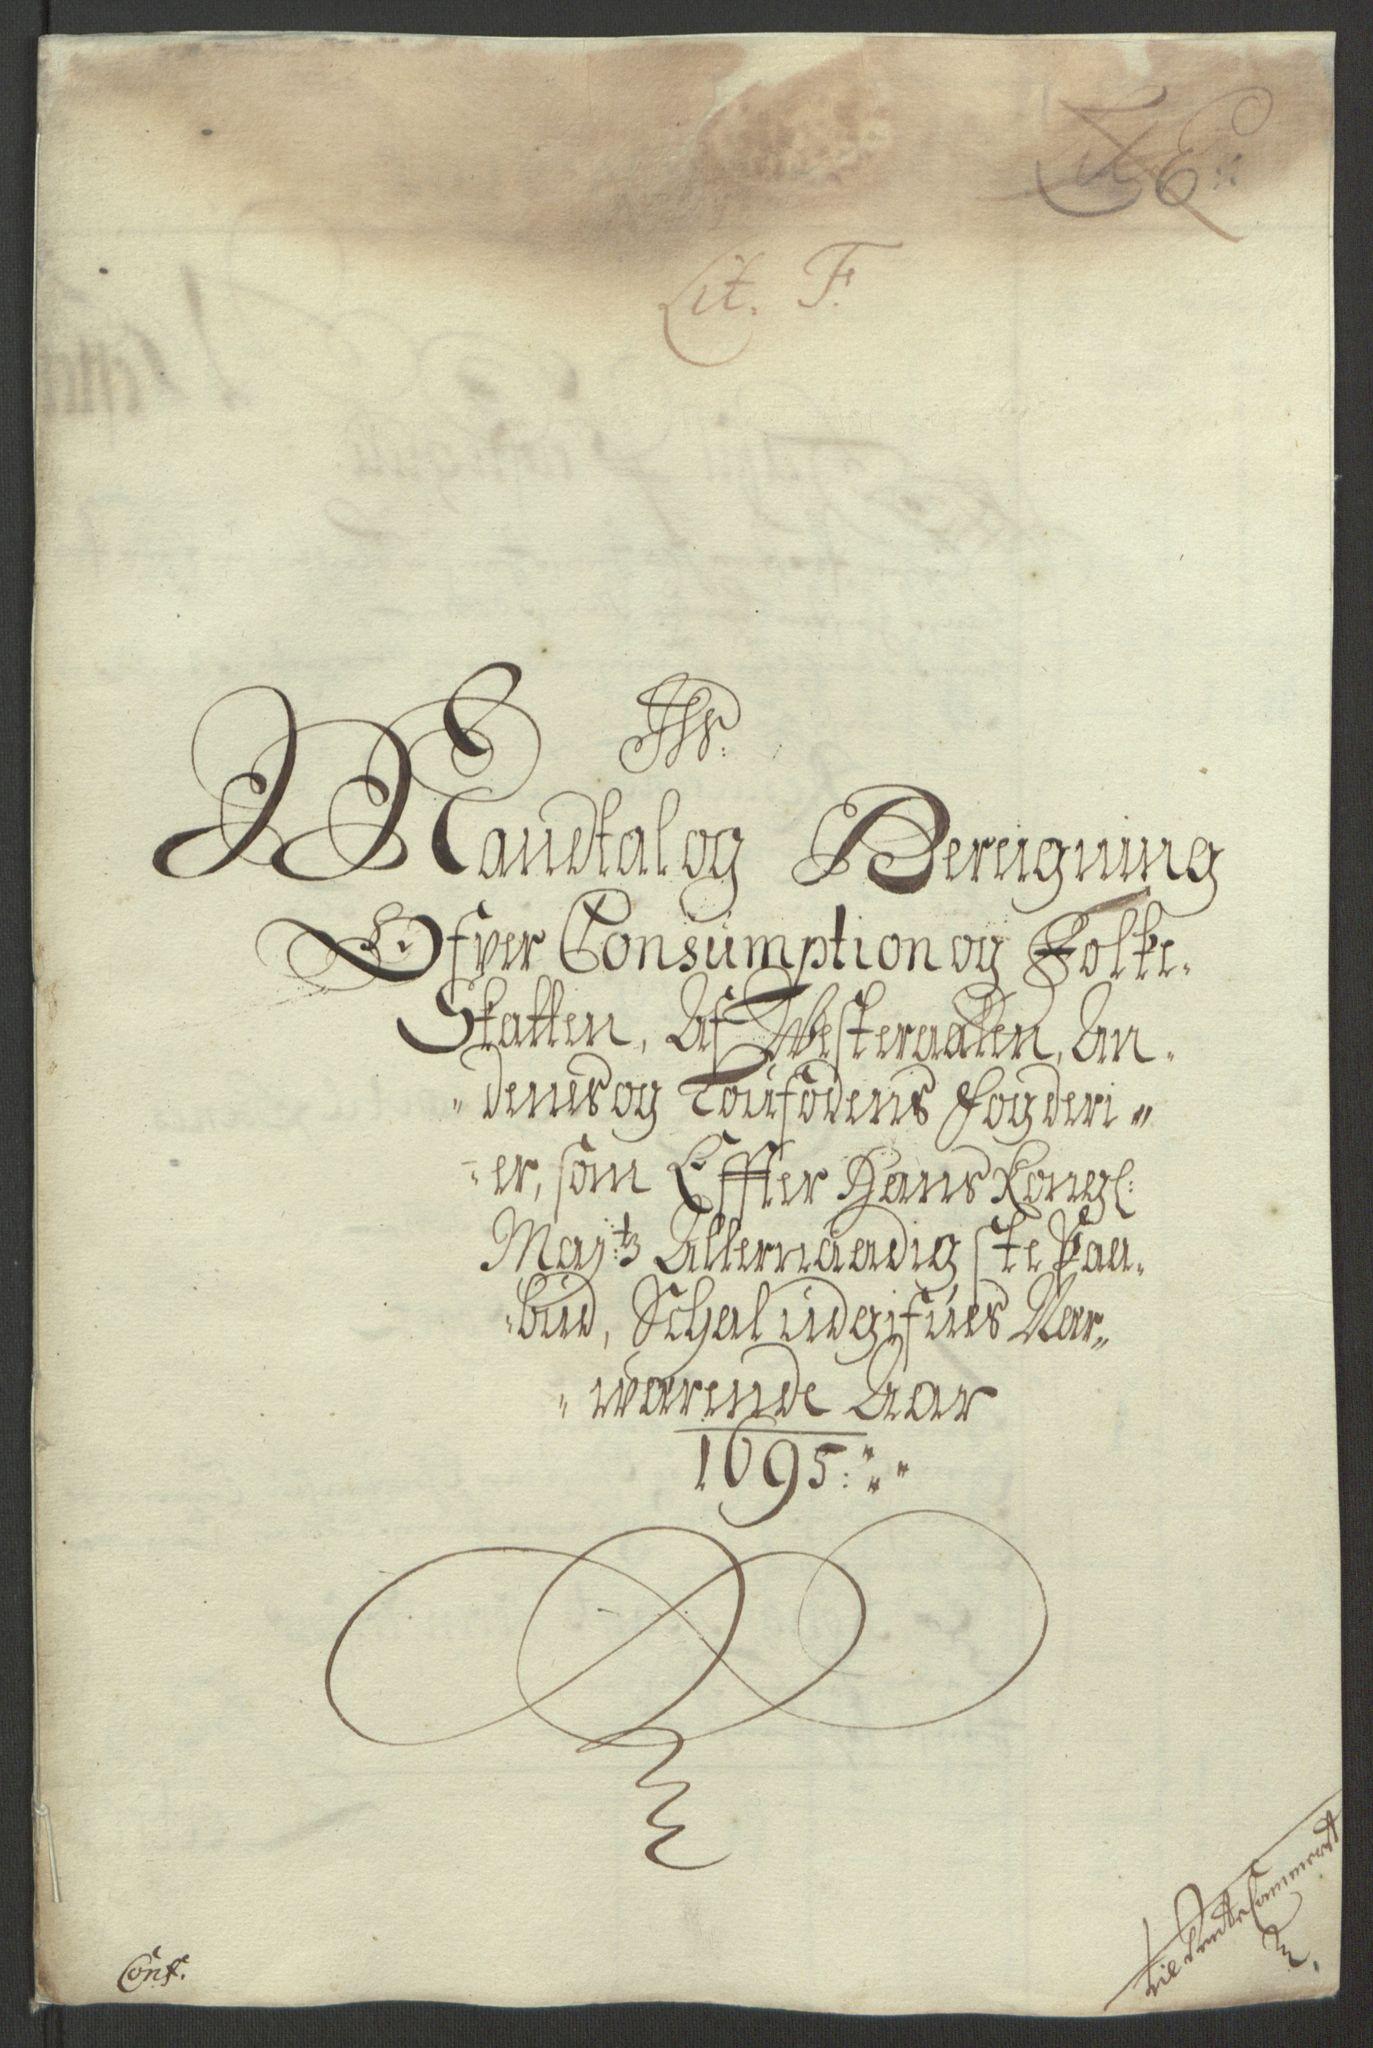 RA, Rentekammeret inntil 1814, Reviderte regnskaper, Fogderegnskap, R67/L4677: Fogderegnskap Vesterålen, Andenes og Lofoten, 1694-1695, s. 249